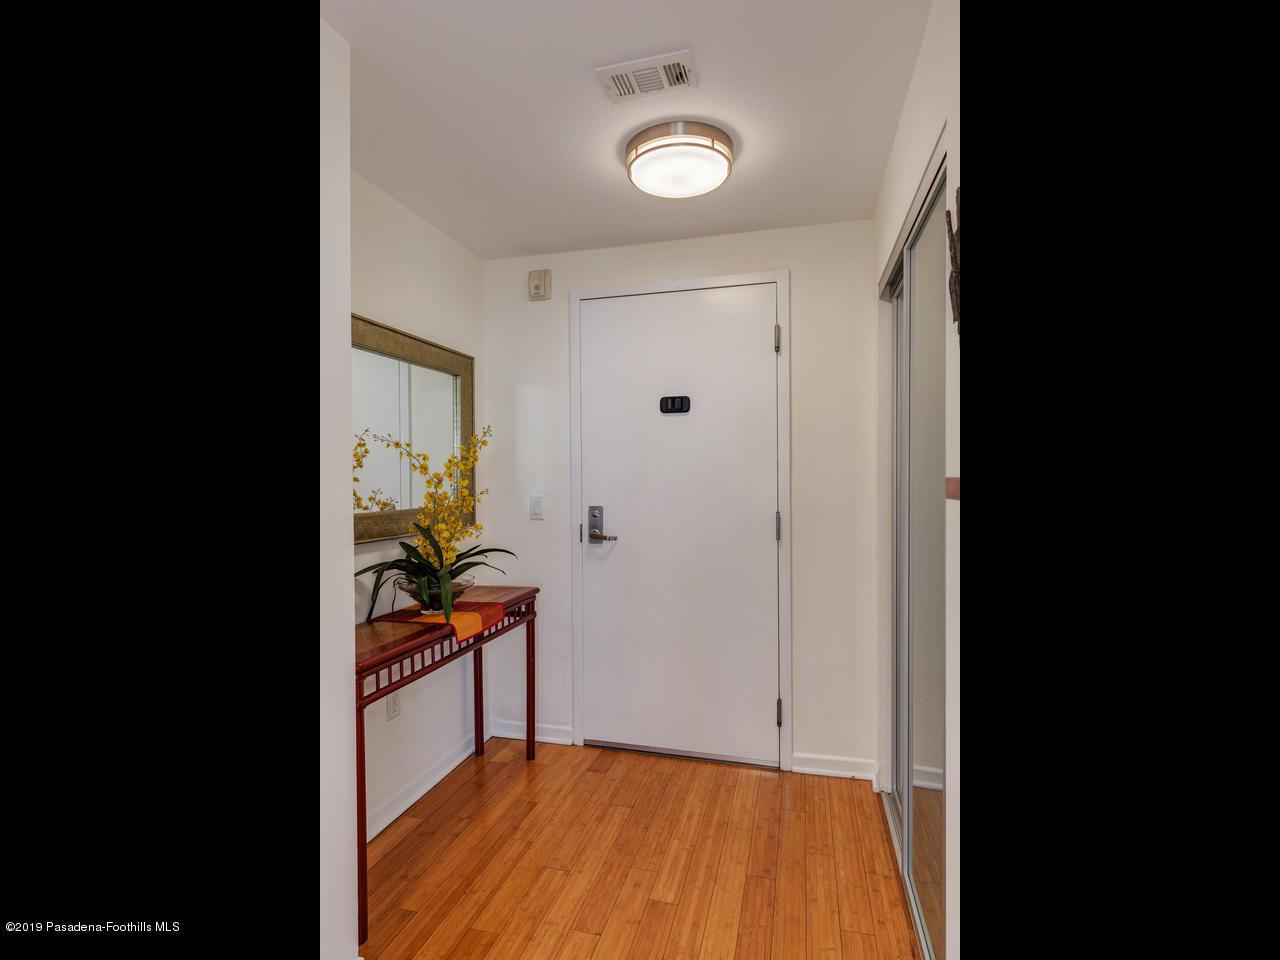 111 DE LACEY, Pasadena, CA 91105 - Foyer